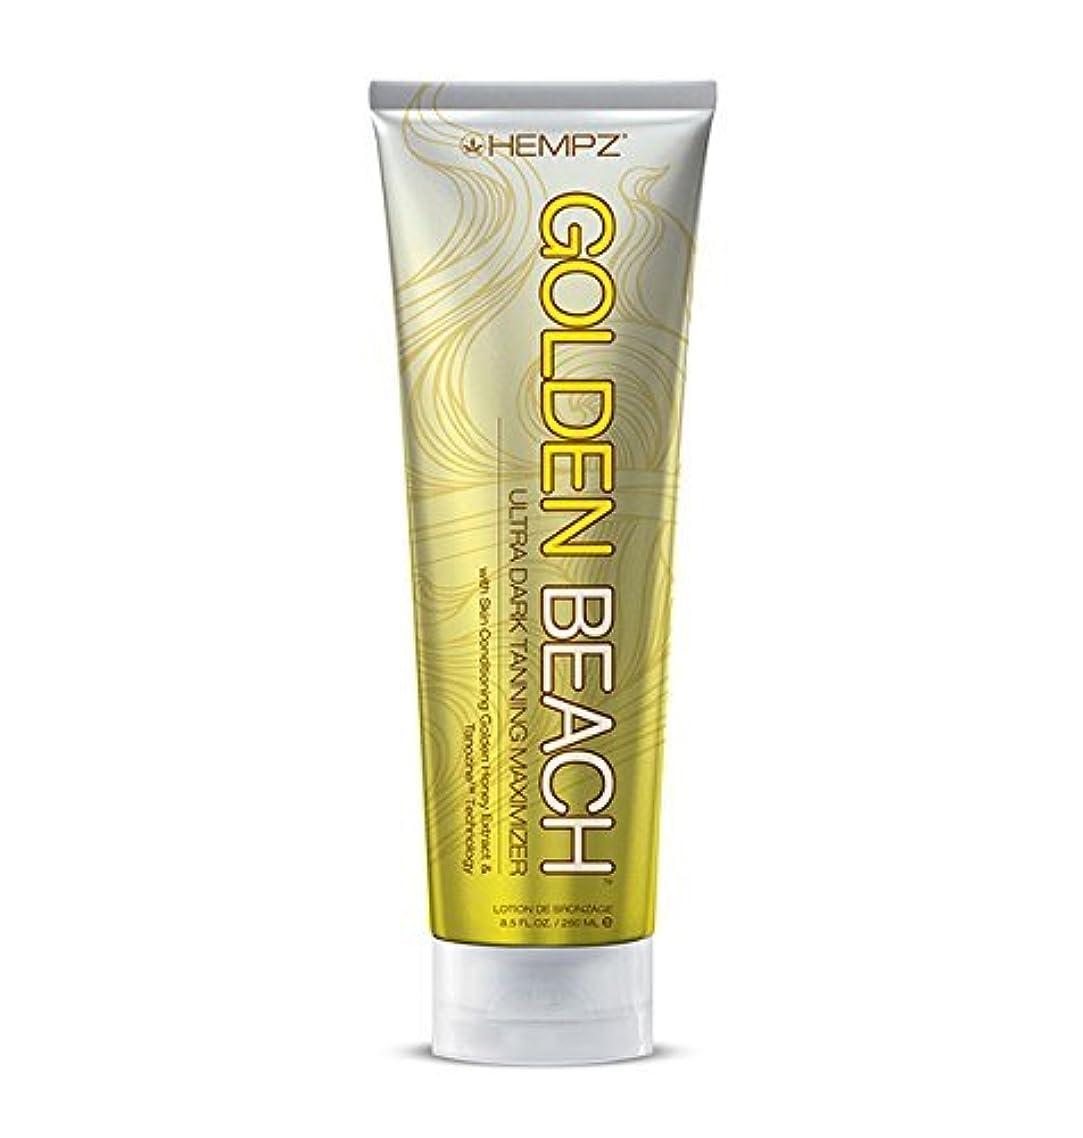 Hempz Hempz golden beach tan maximizer, off white, island mango, 8.5 fluid ounce, 8.5 Ounce